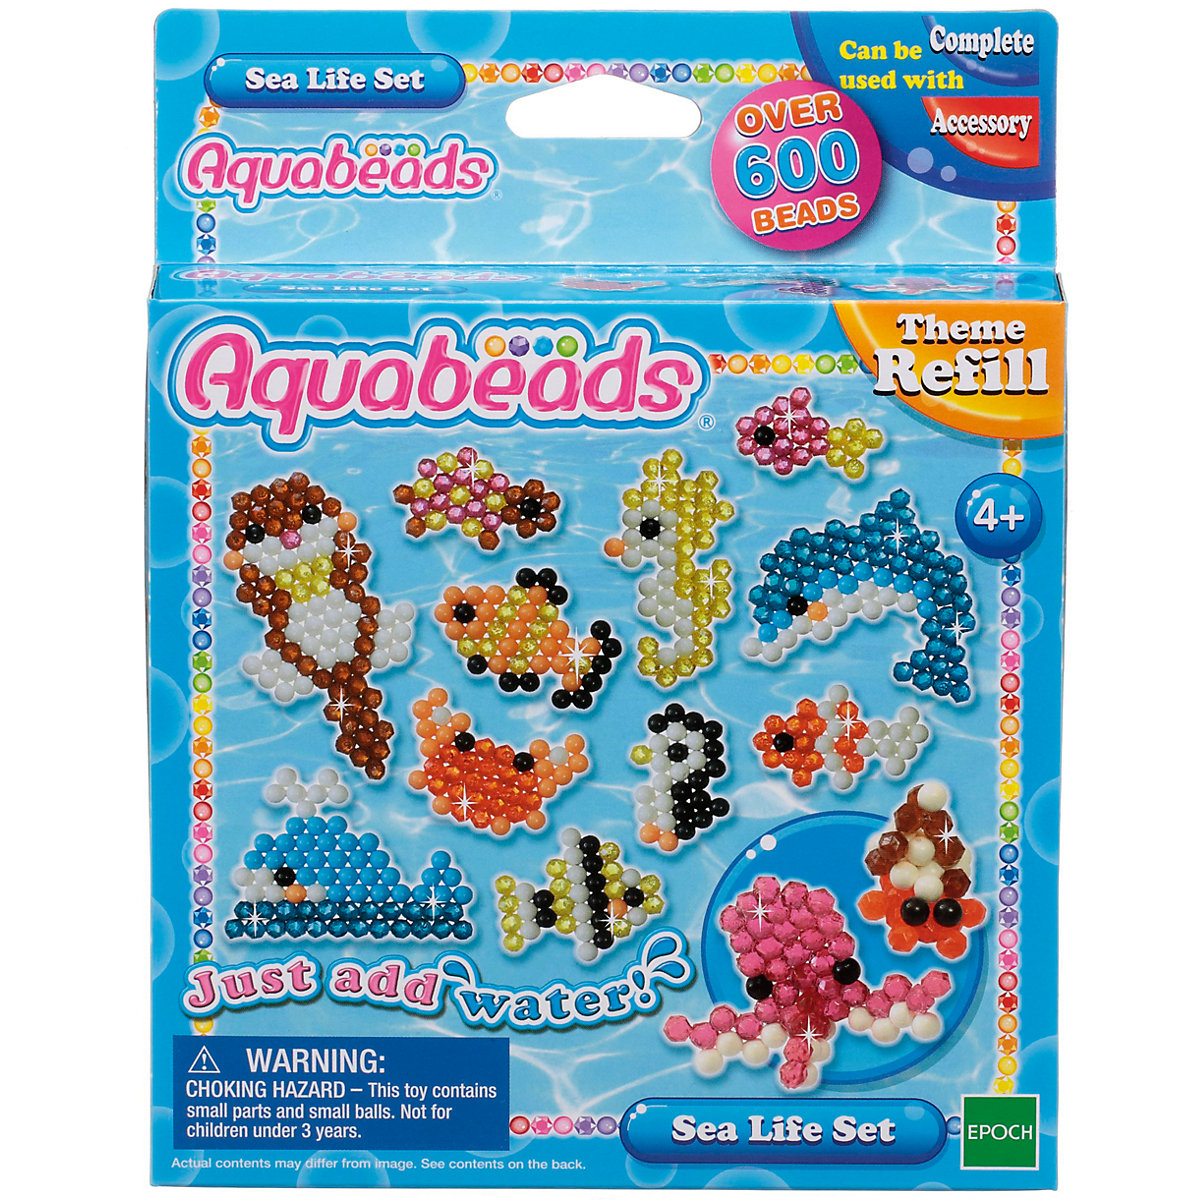 Aquabeads perles jouets 7236010 créativité couture pour enfants set enfants jouet hobbis Arts artisanat bricolage